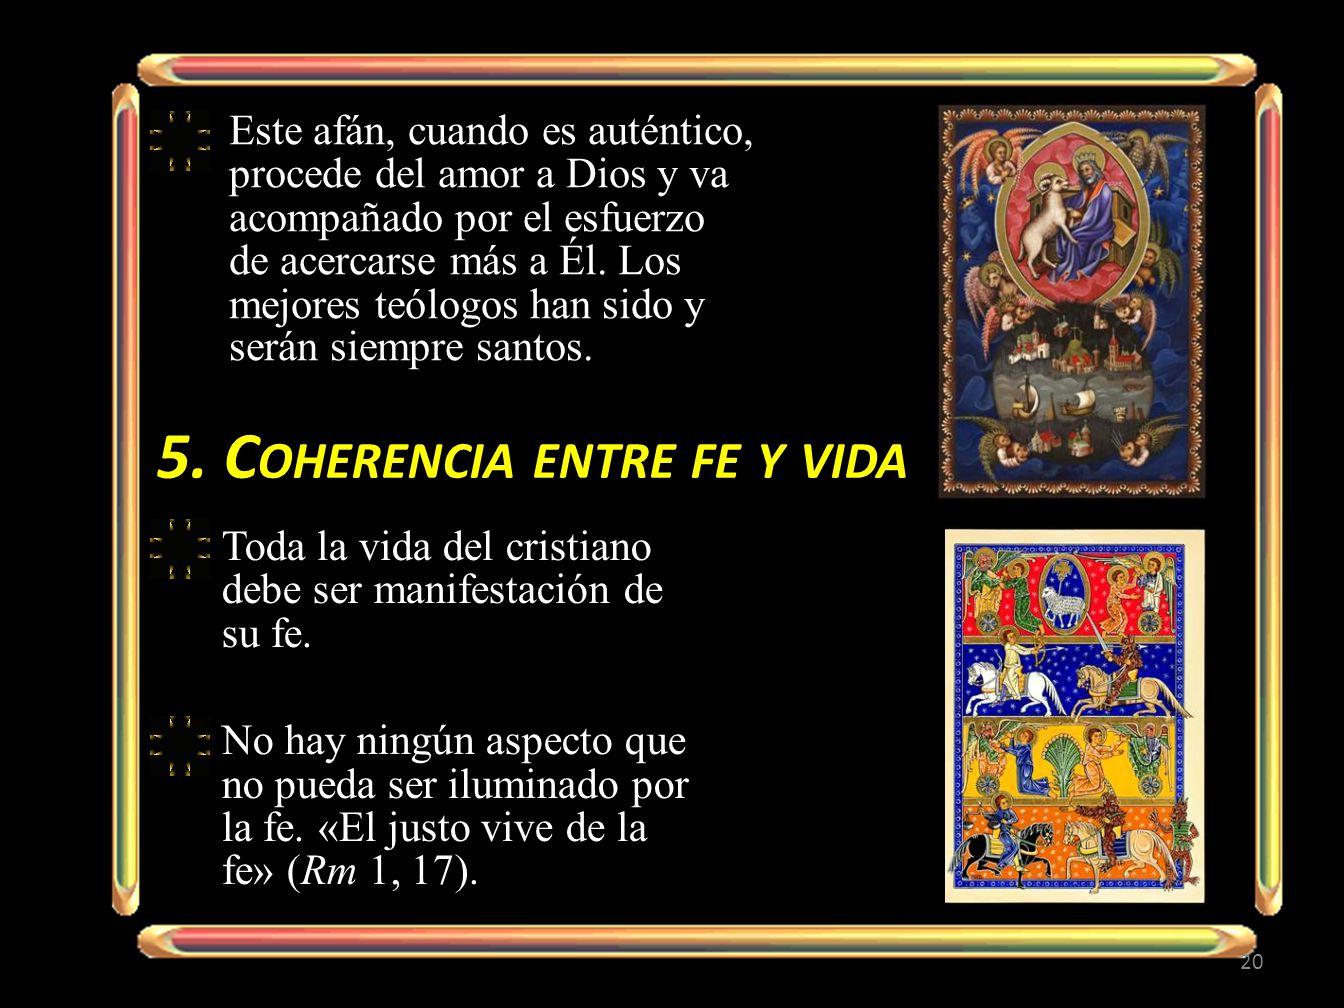 5. Coherencia entre fe y vida